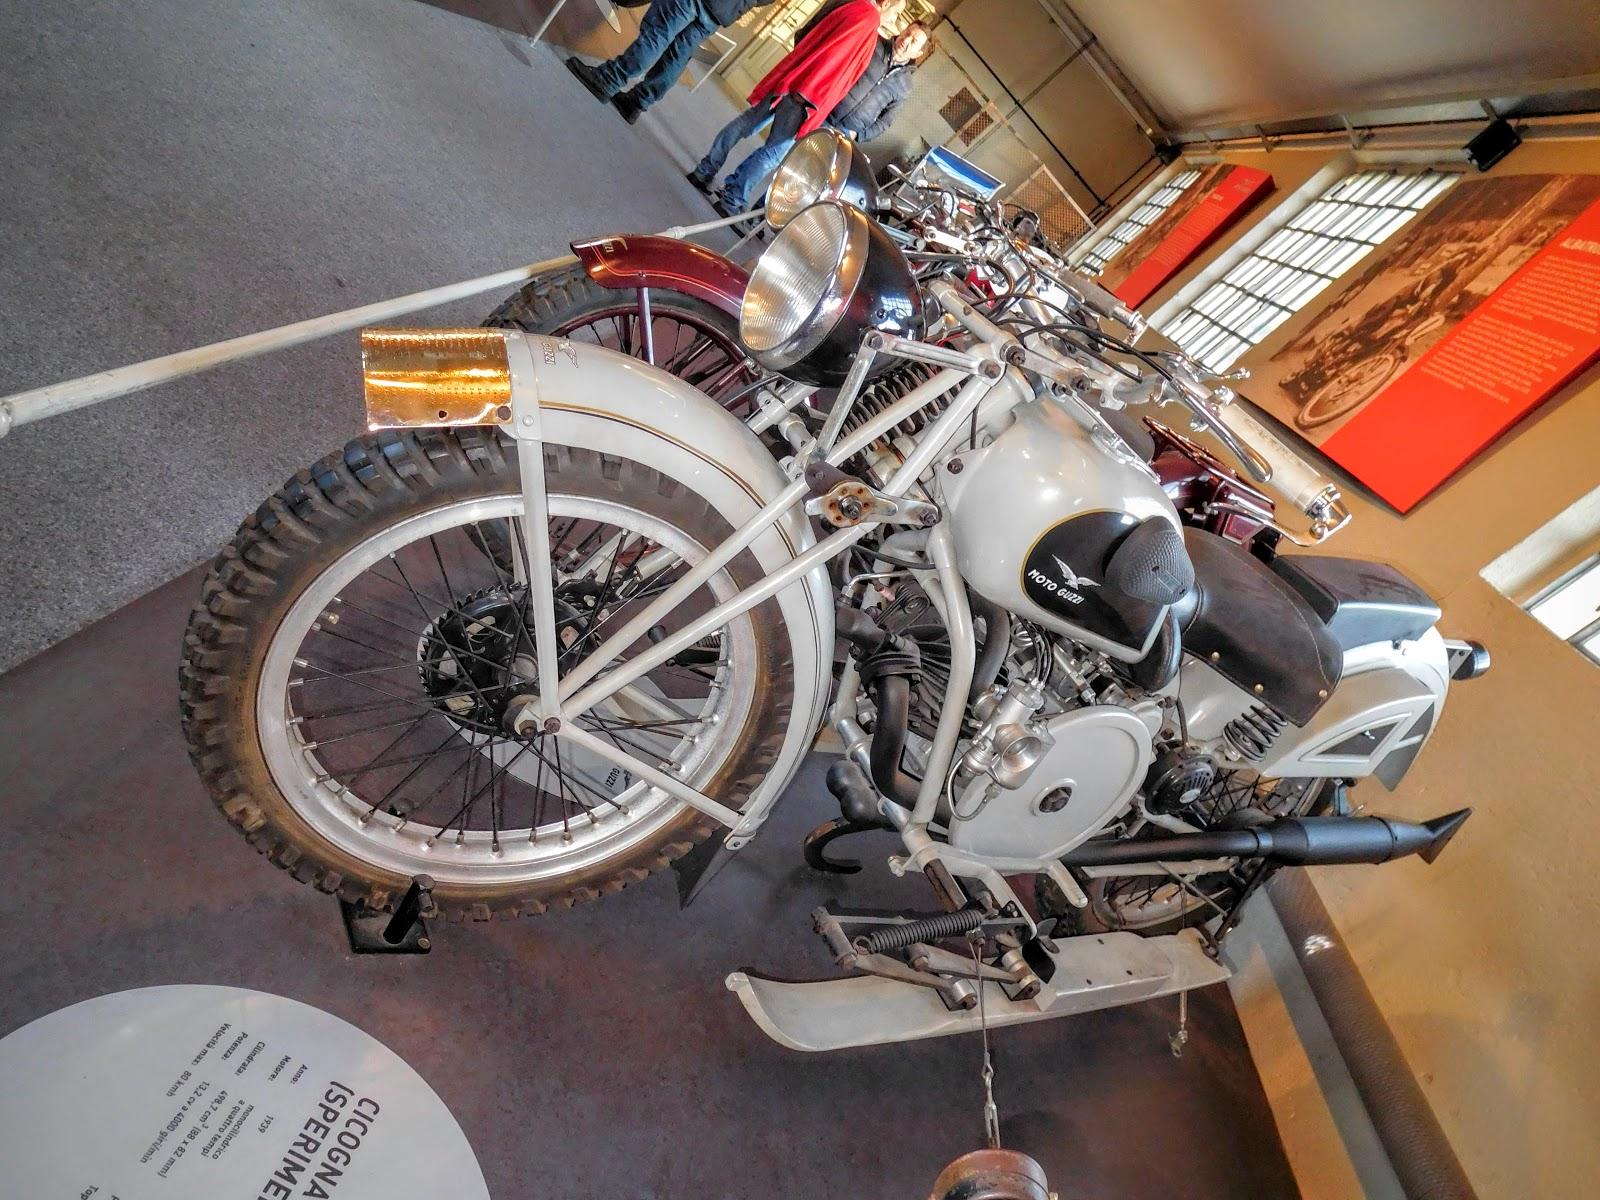 NYDucati: 1939 Moto Guzzi Cicogna